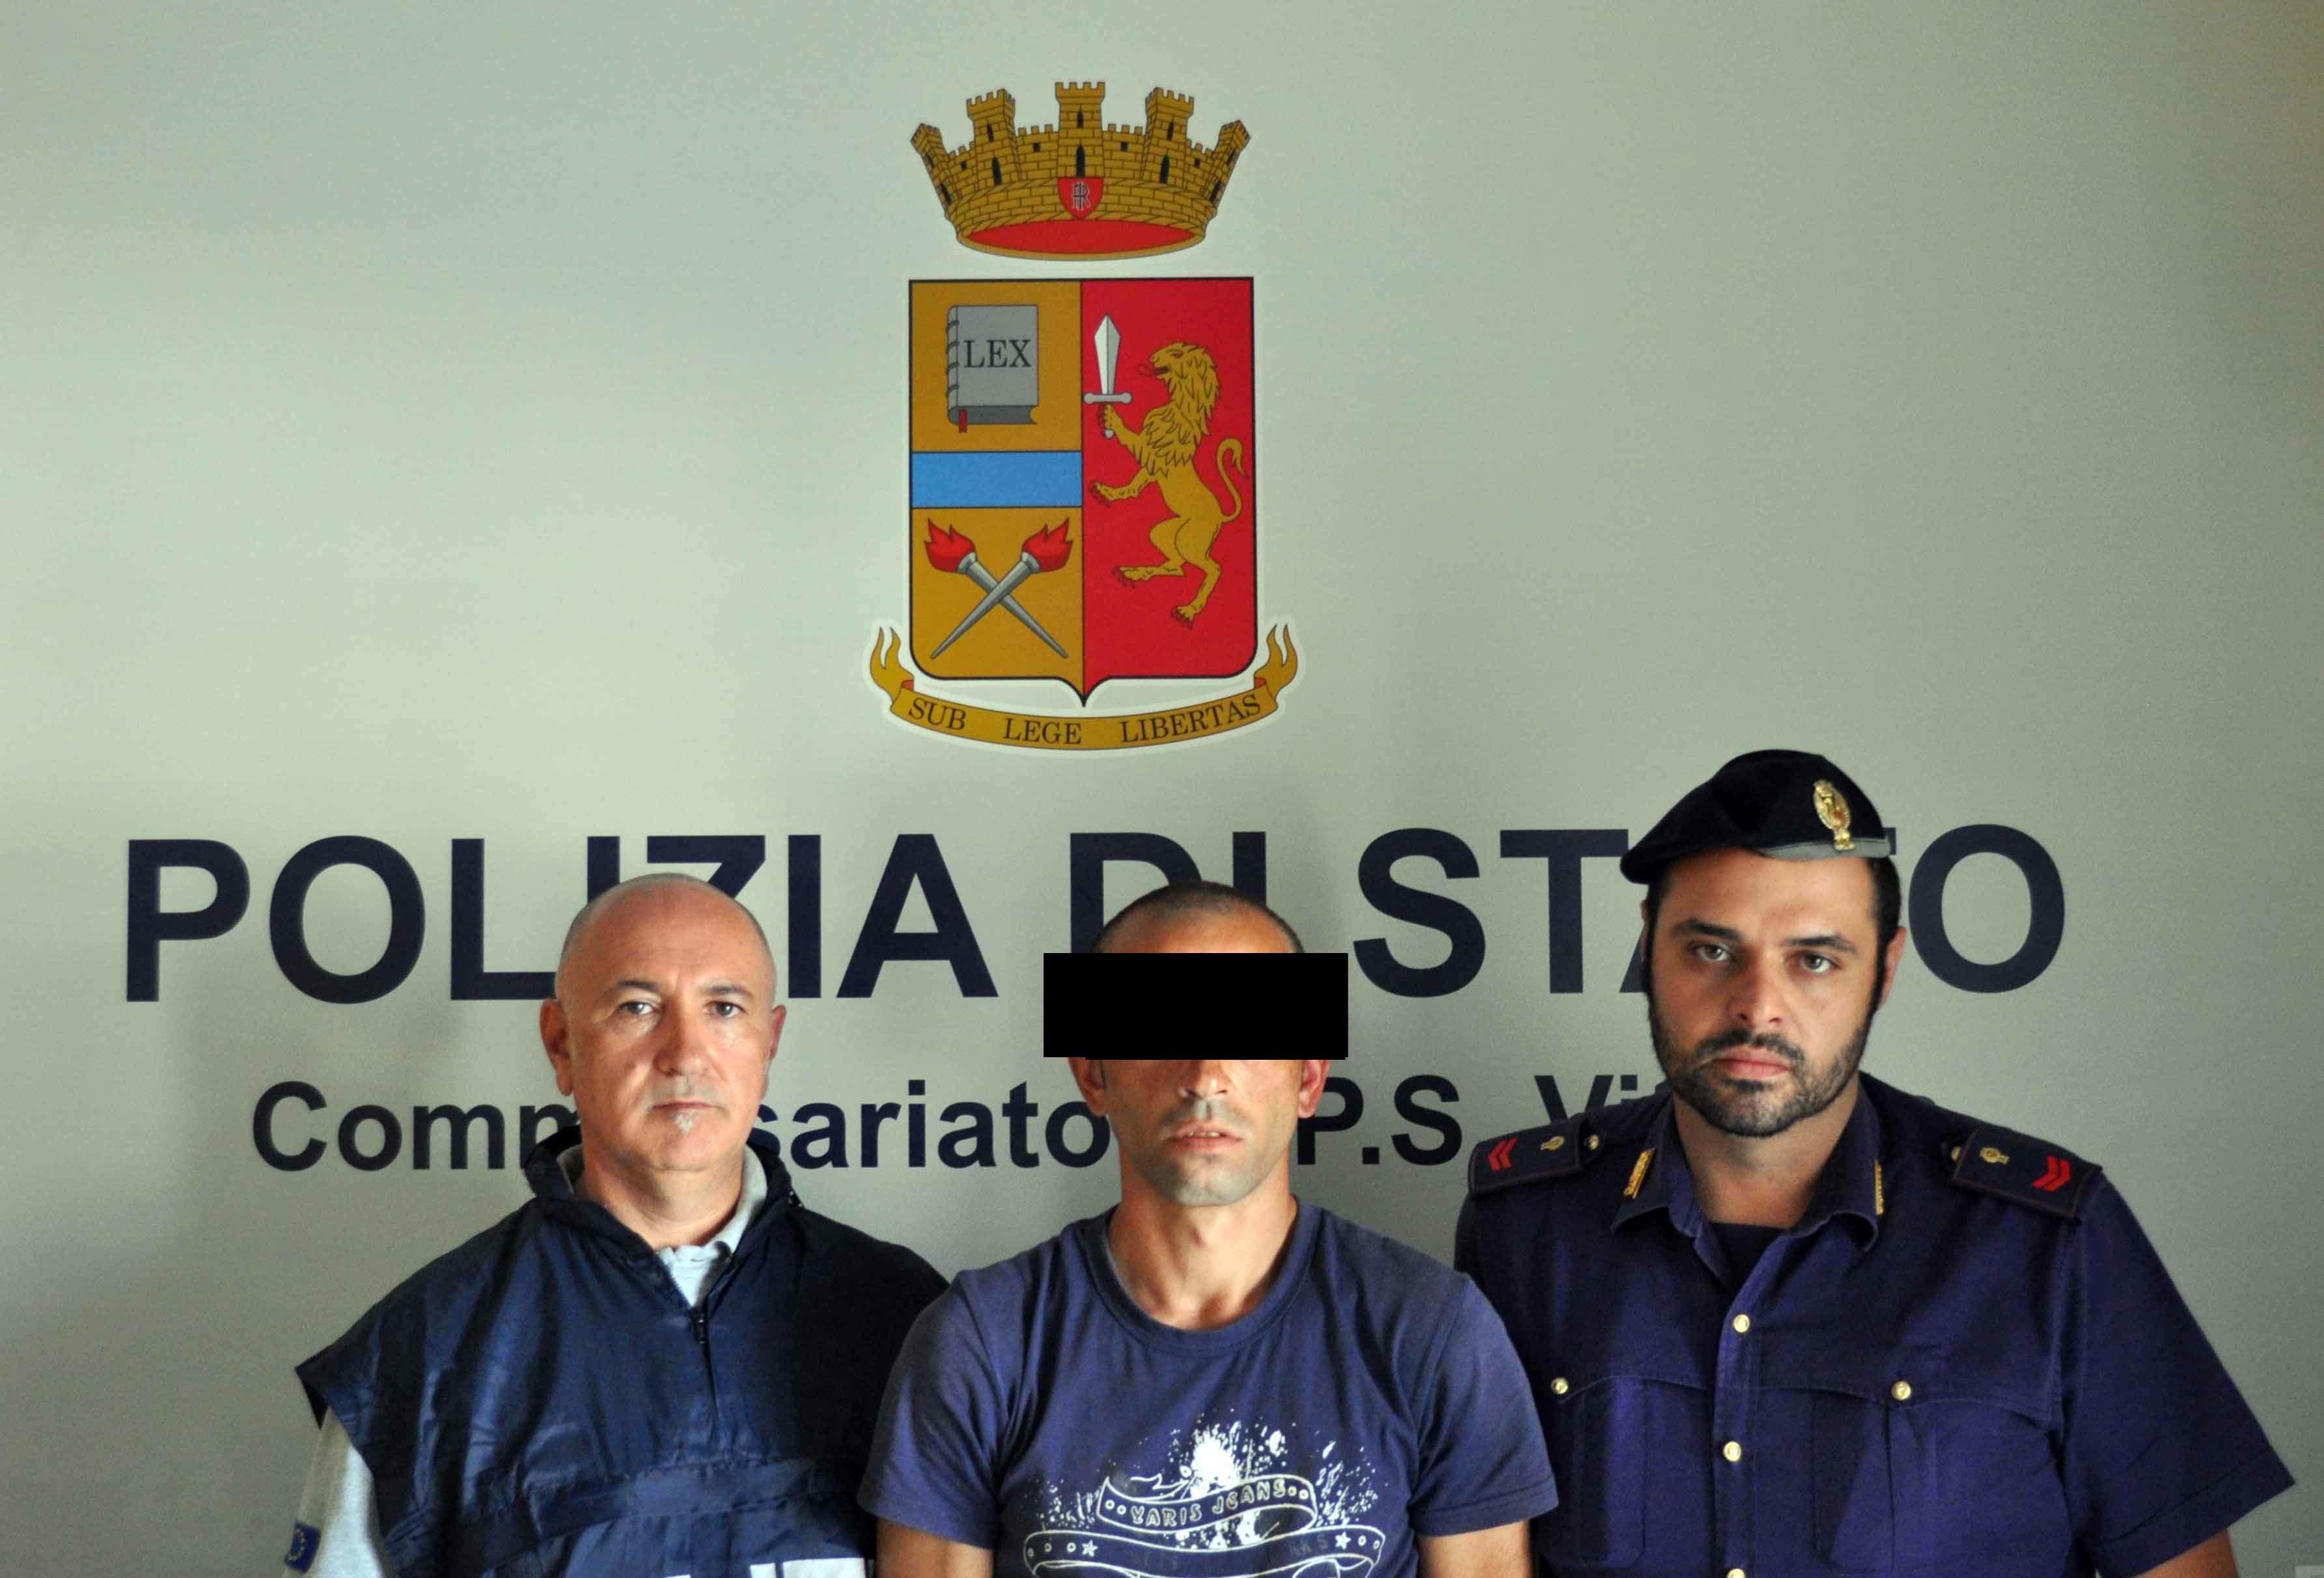 Commette violenza sessuale su una donna: rintracciato a Santa Croce, 31enne in custodia cautelare VIDEO